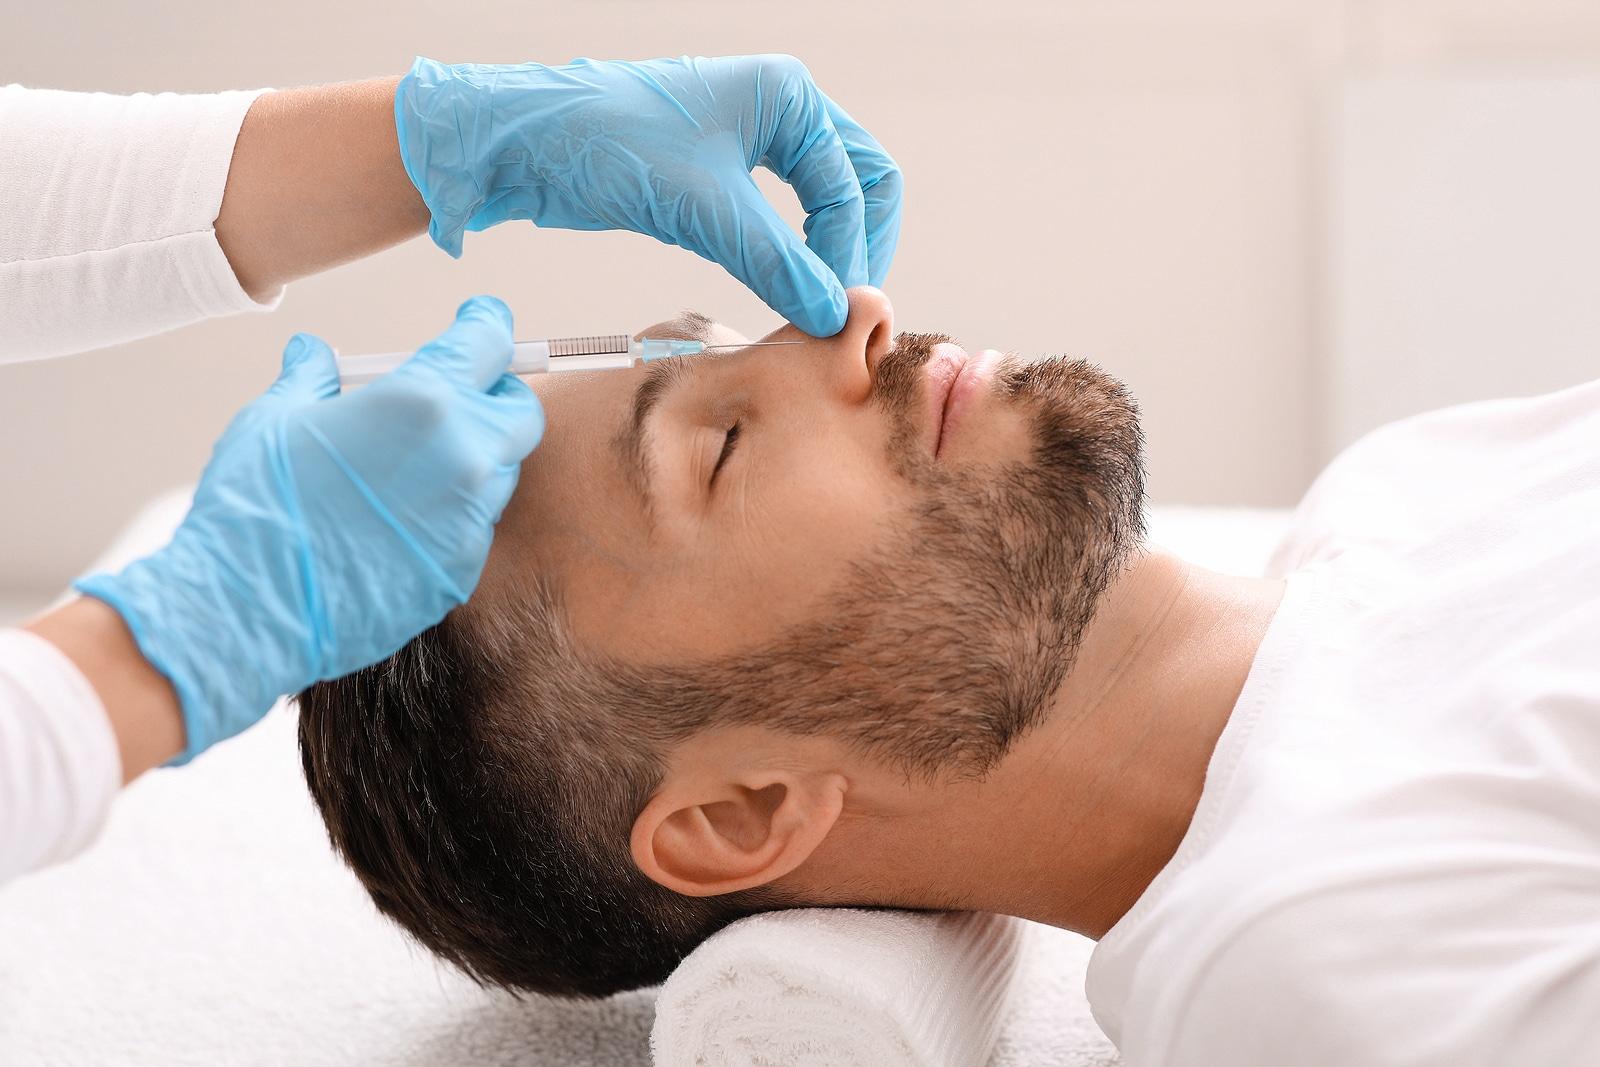 Nonsurgical Rhinoplasty Nose Job